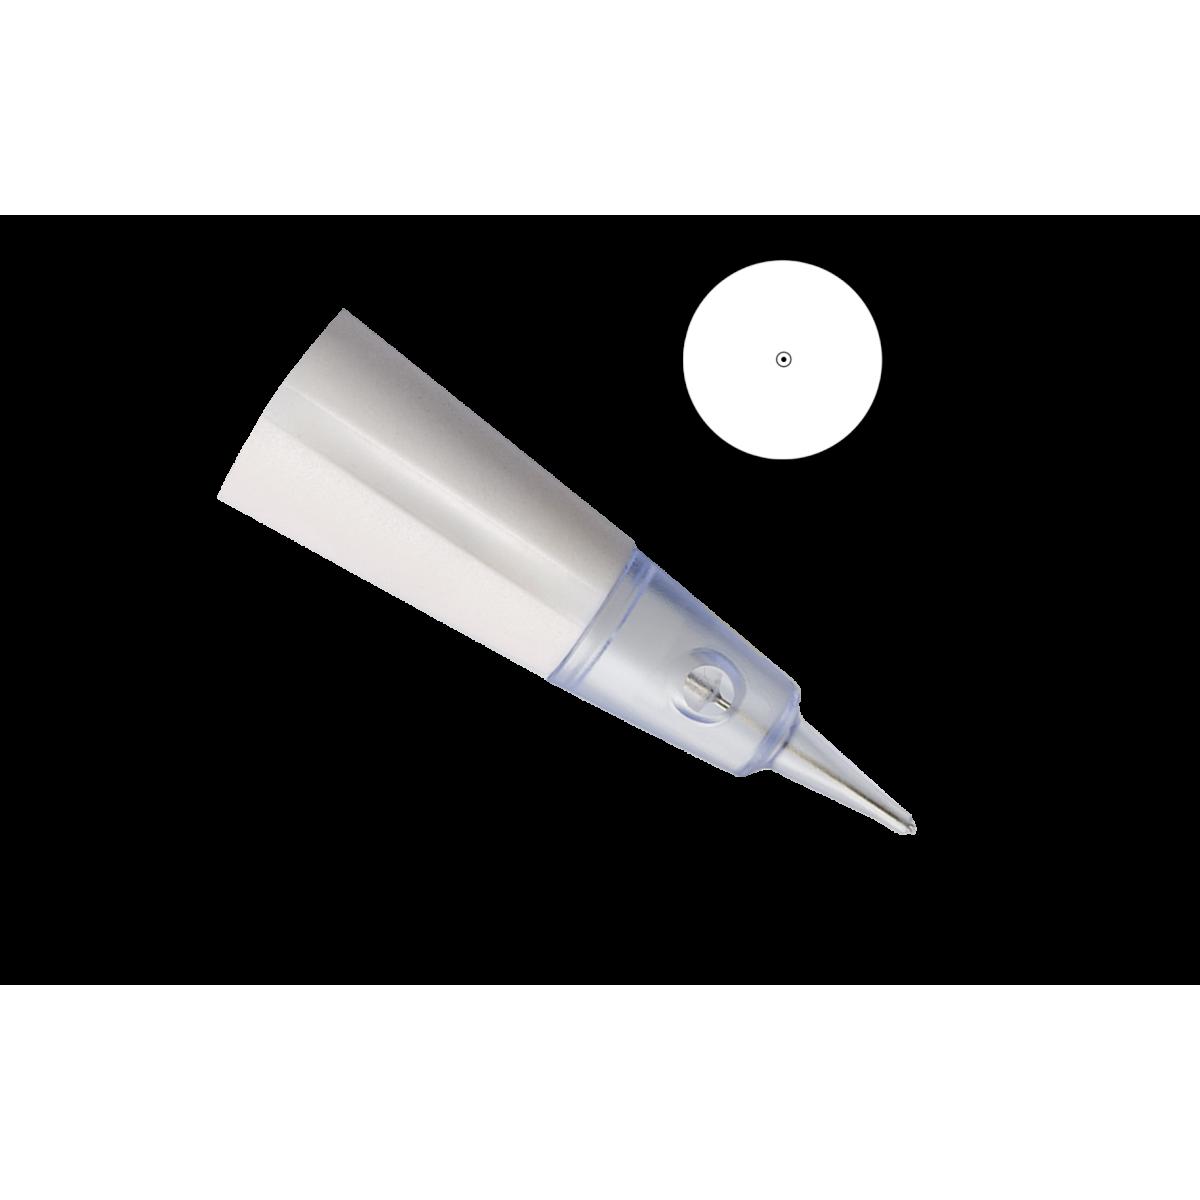 POUR GENIUS - MODULE 1 NANO NT (0,25 mm) GENIUS AMIEA